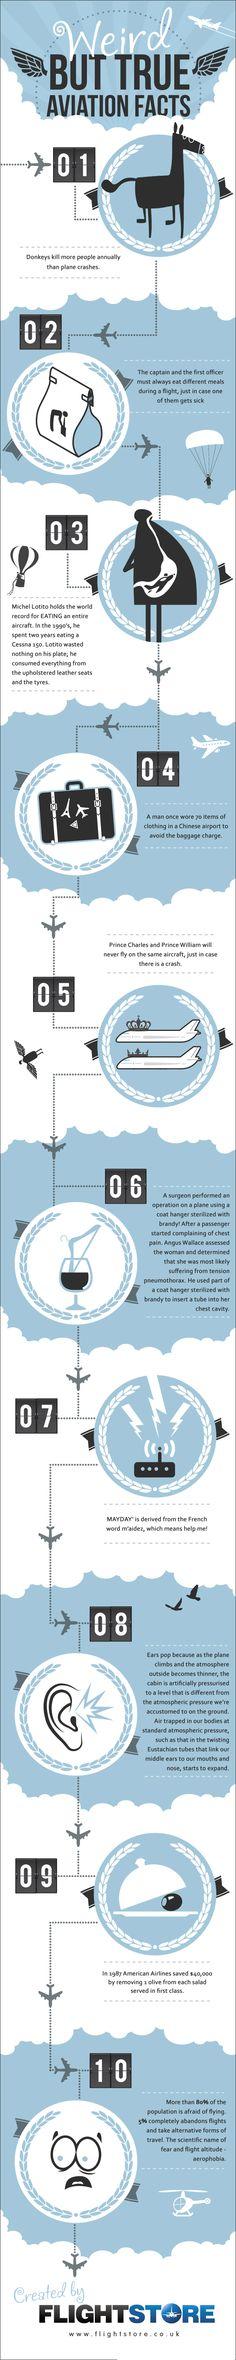 Twist My Tweet: Weird But True Aviation Facts